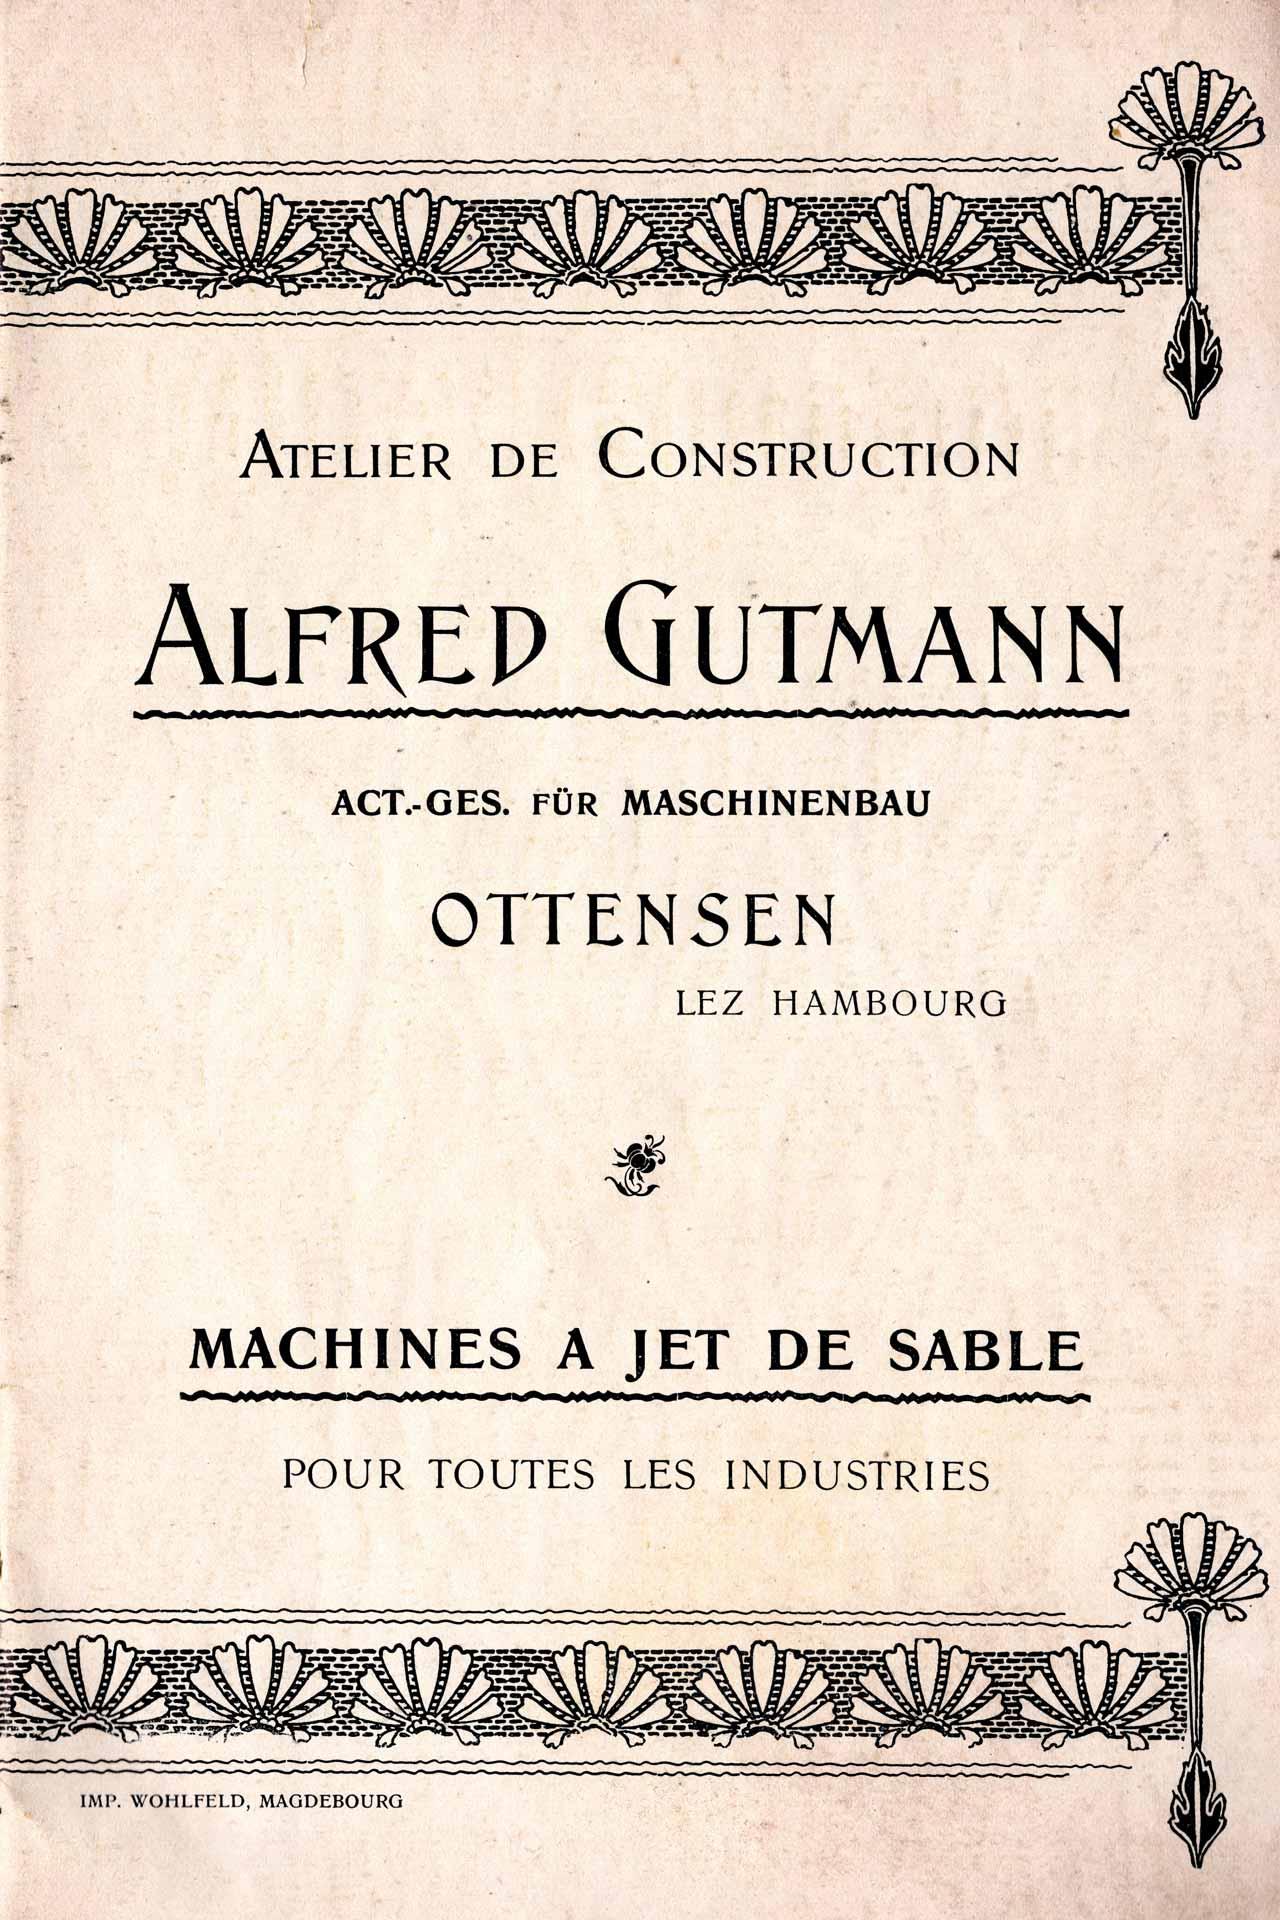 Alfred Gutmann OTTENSEN